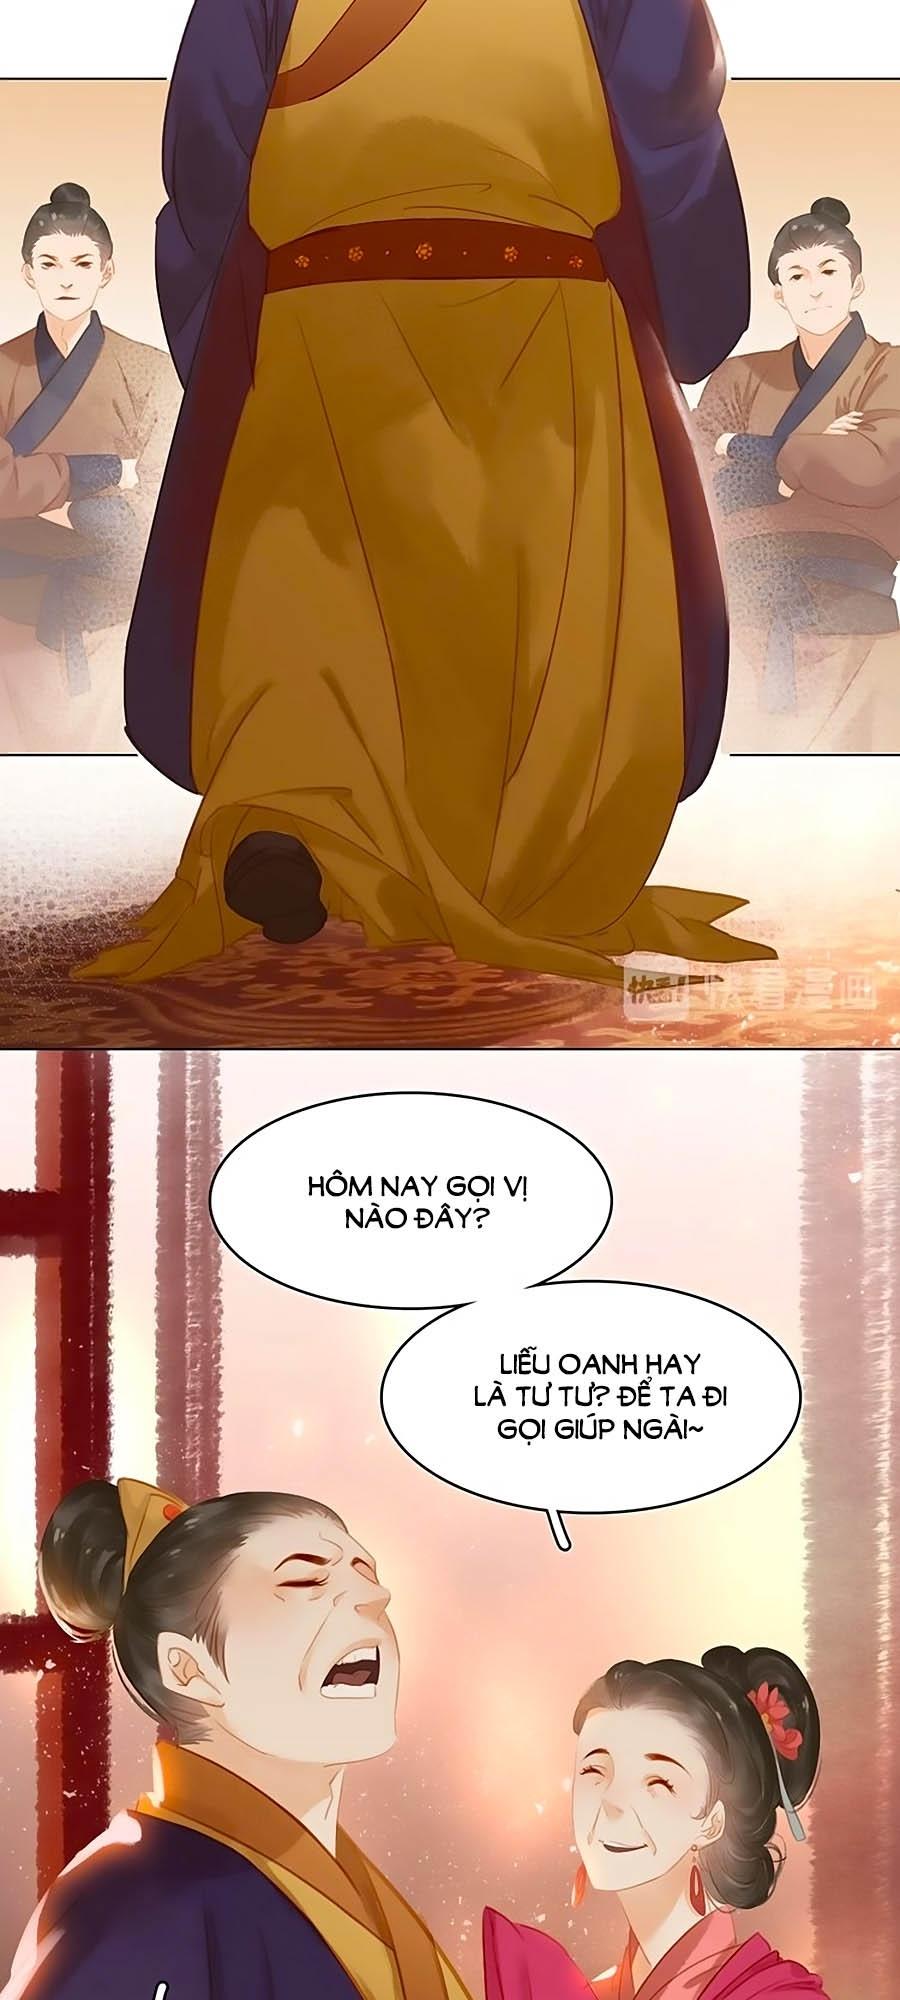 Tiểu sư phụ, tóc giả của ngài rơi rồi! chap 12 - Trang 6